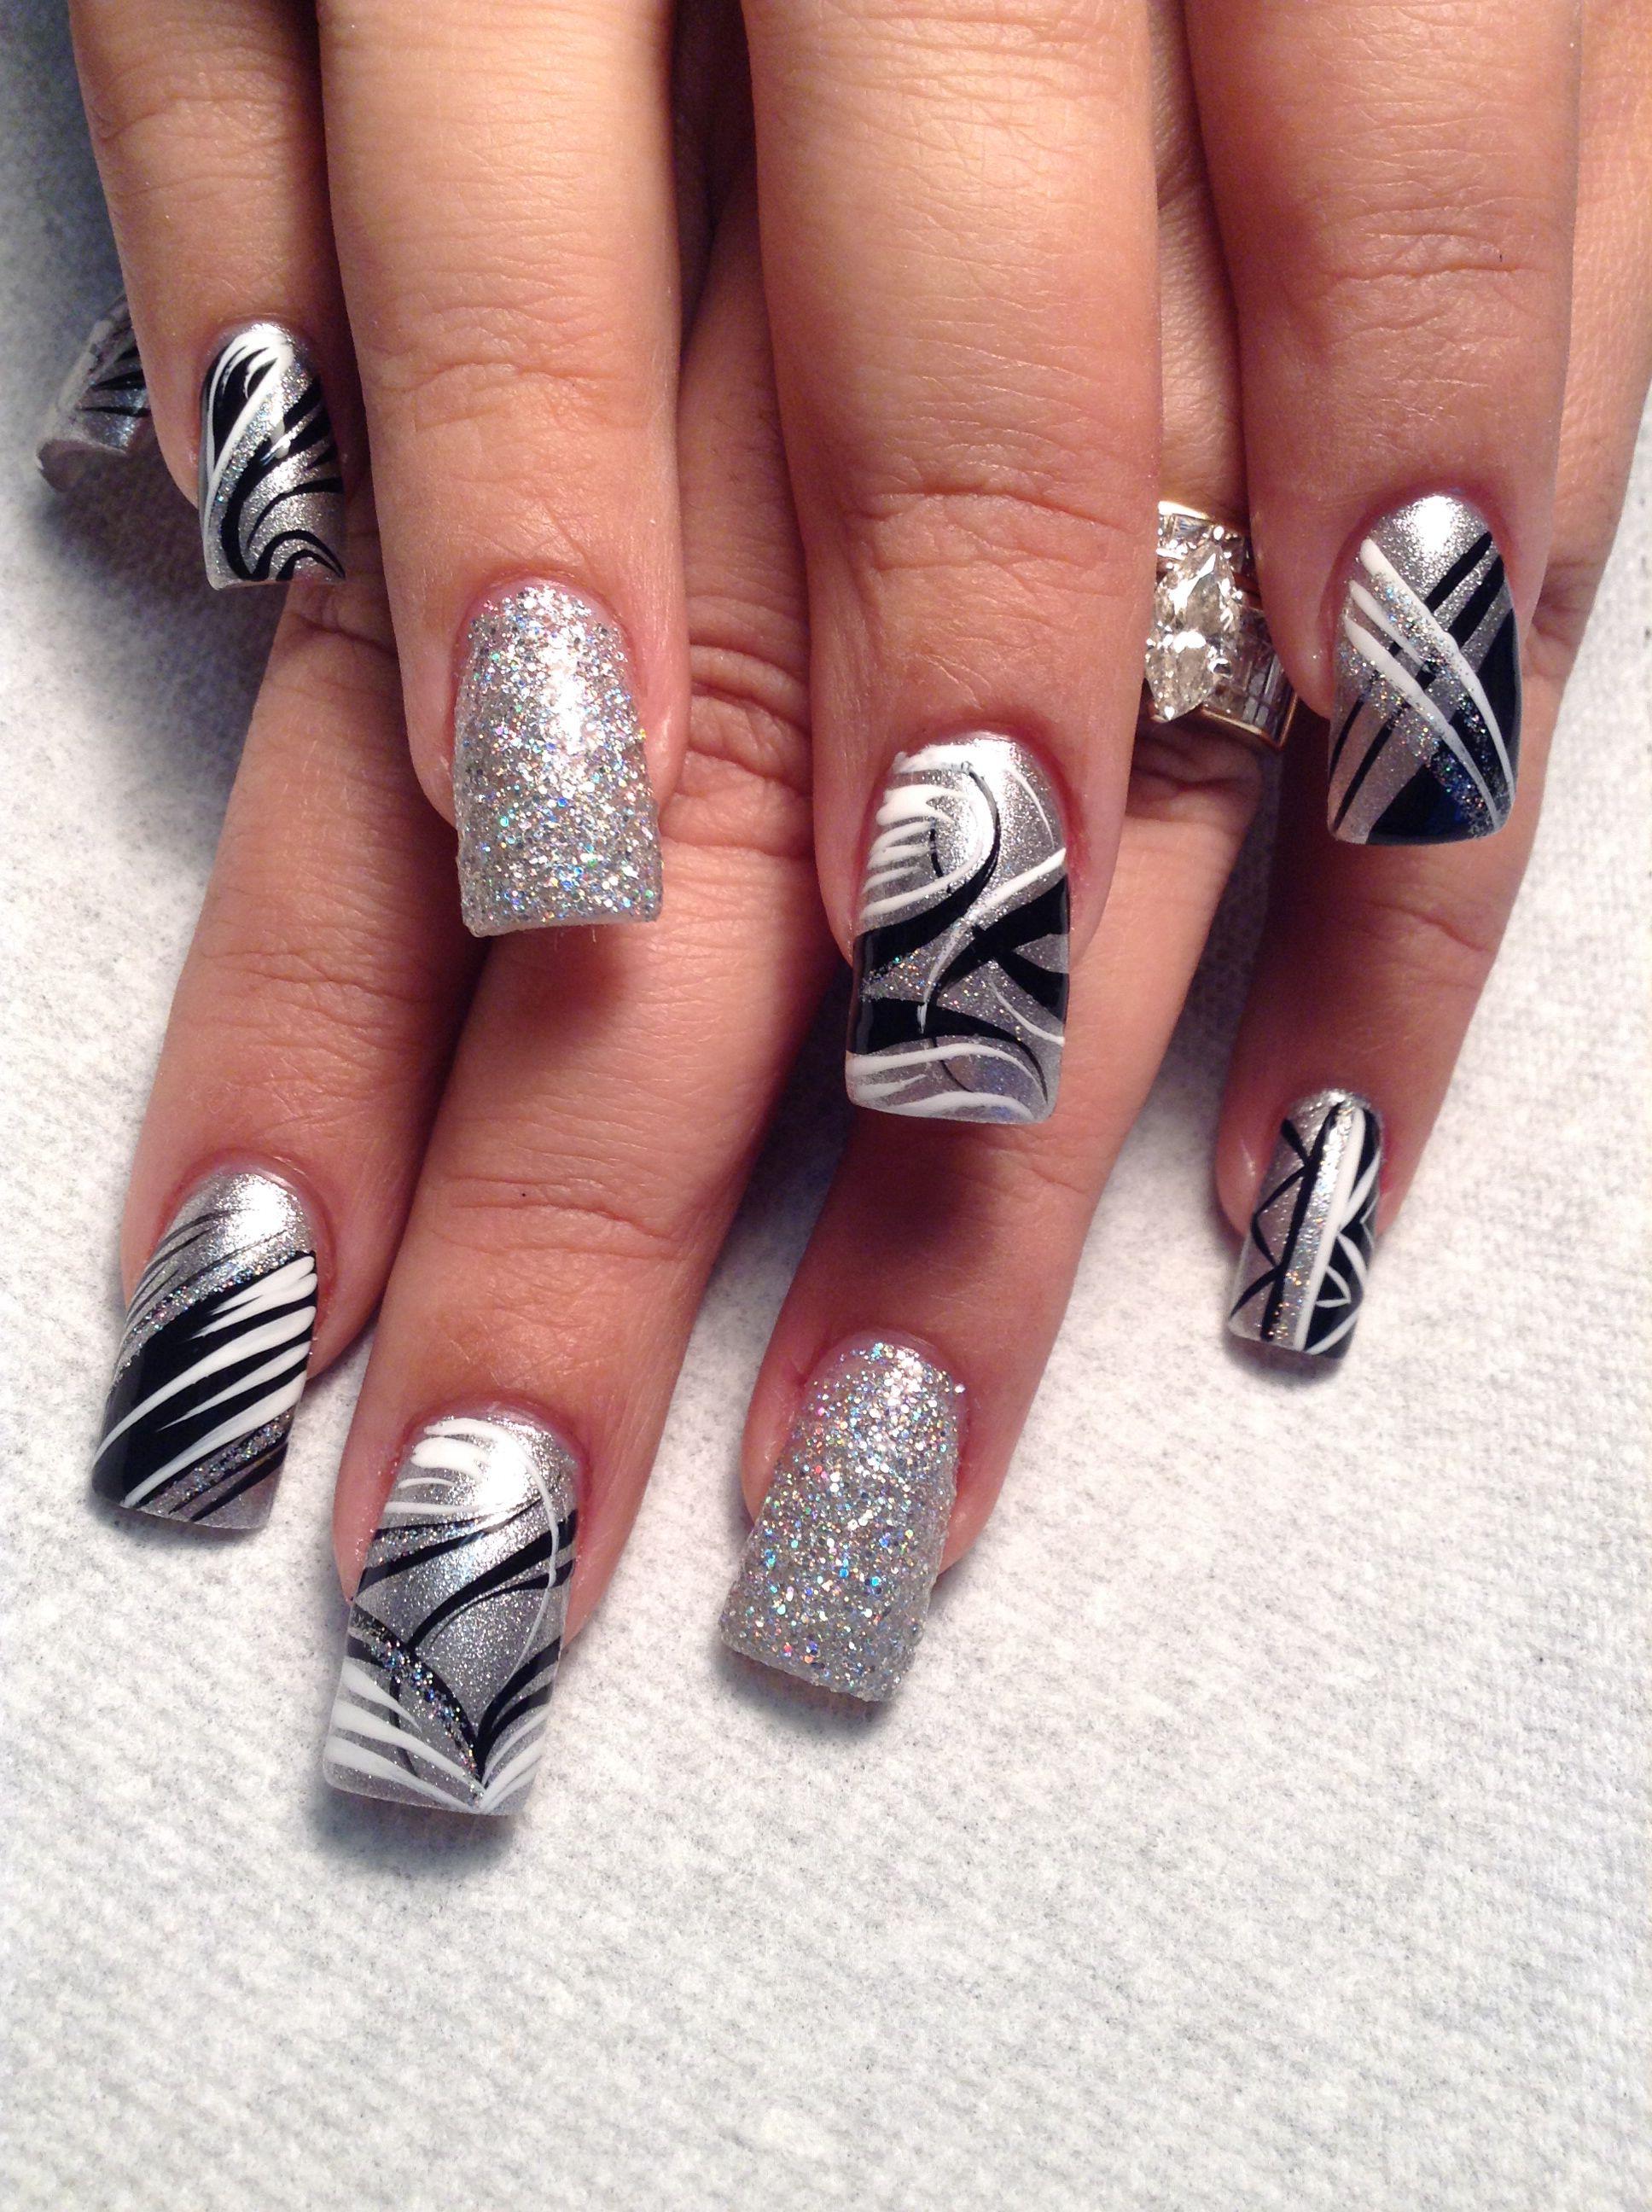 Silver Streak With Images Design Nehtu Gelove Nehty Nehty